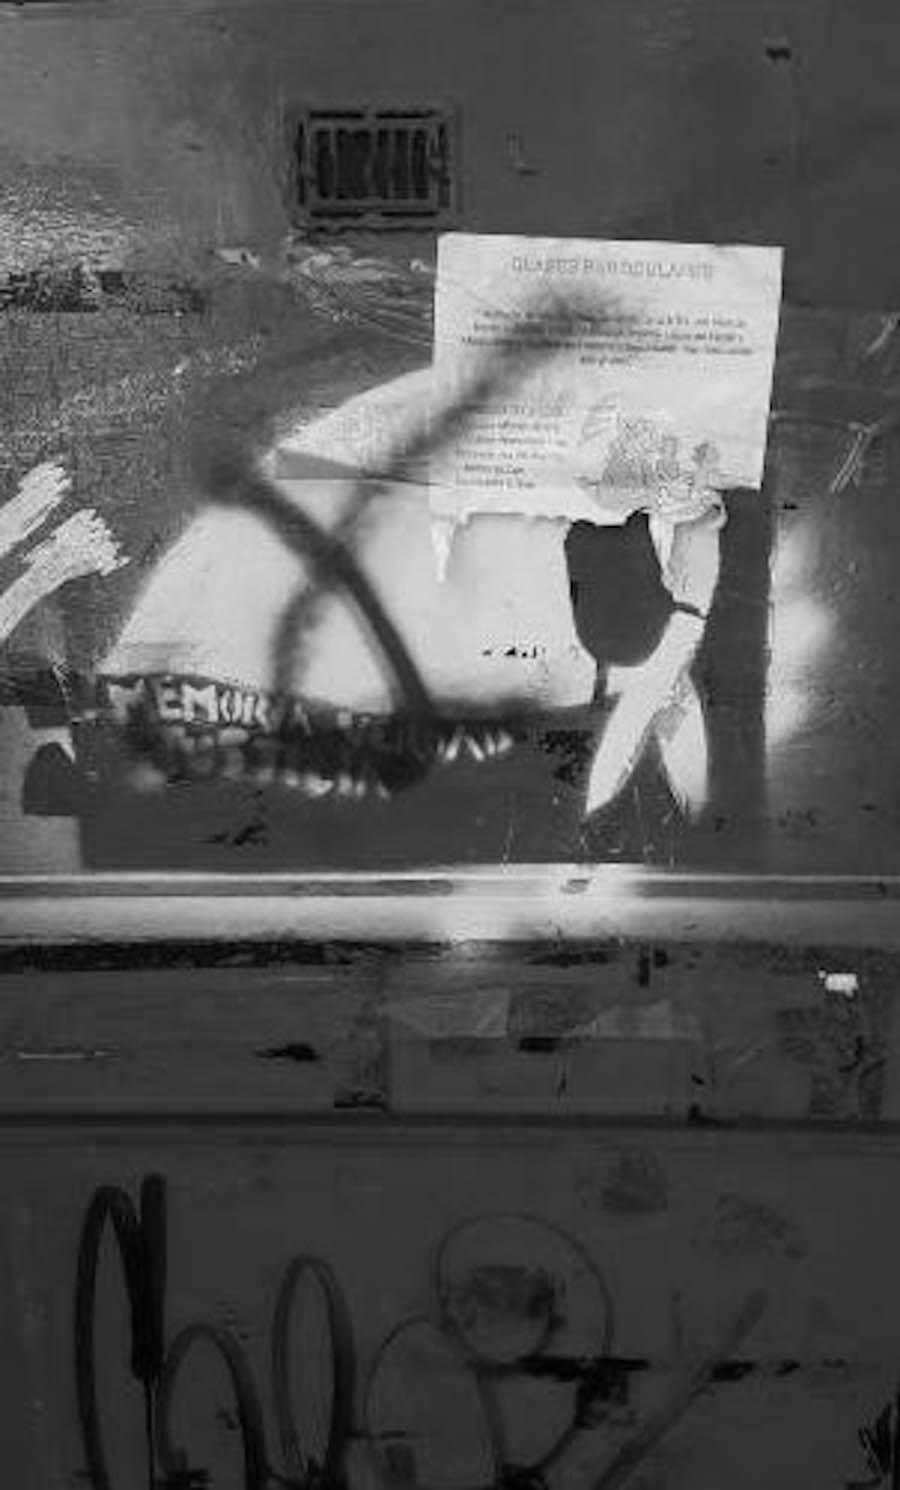 mural-madres-plaza-mayo-vandalismo-2